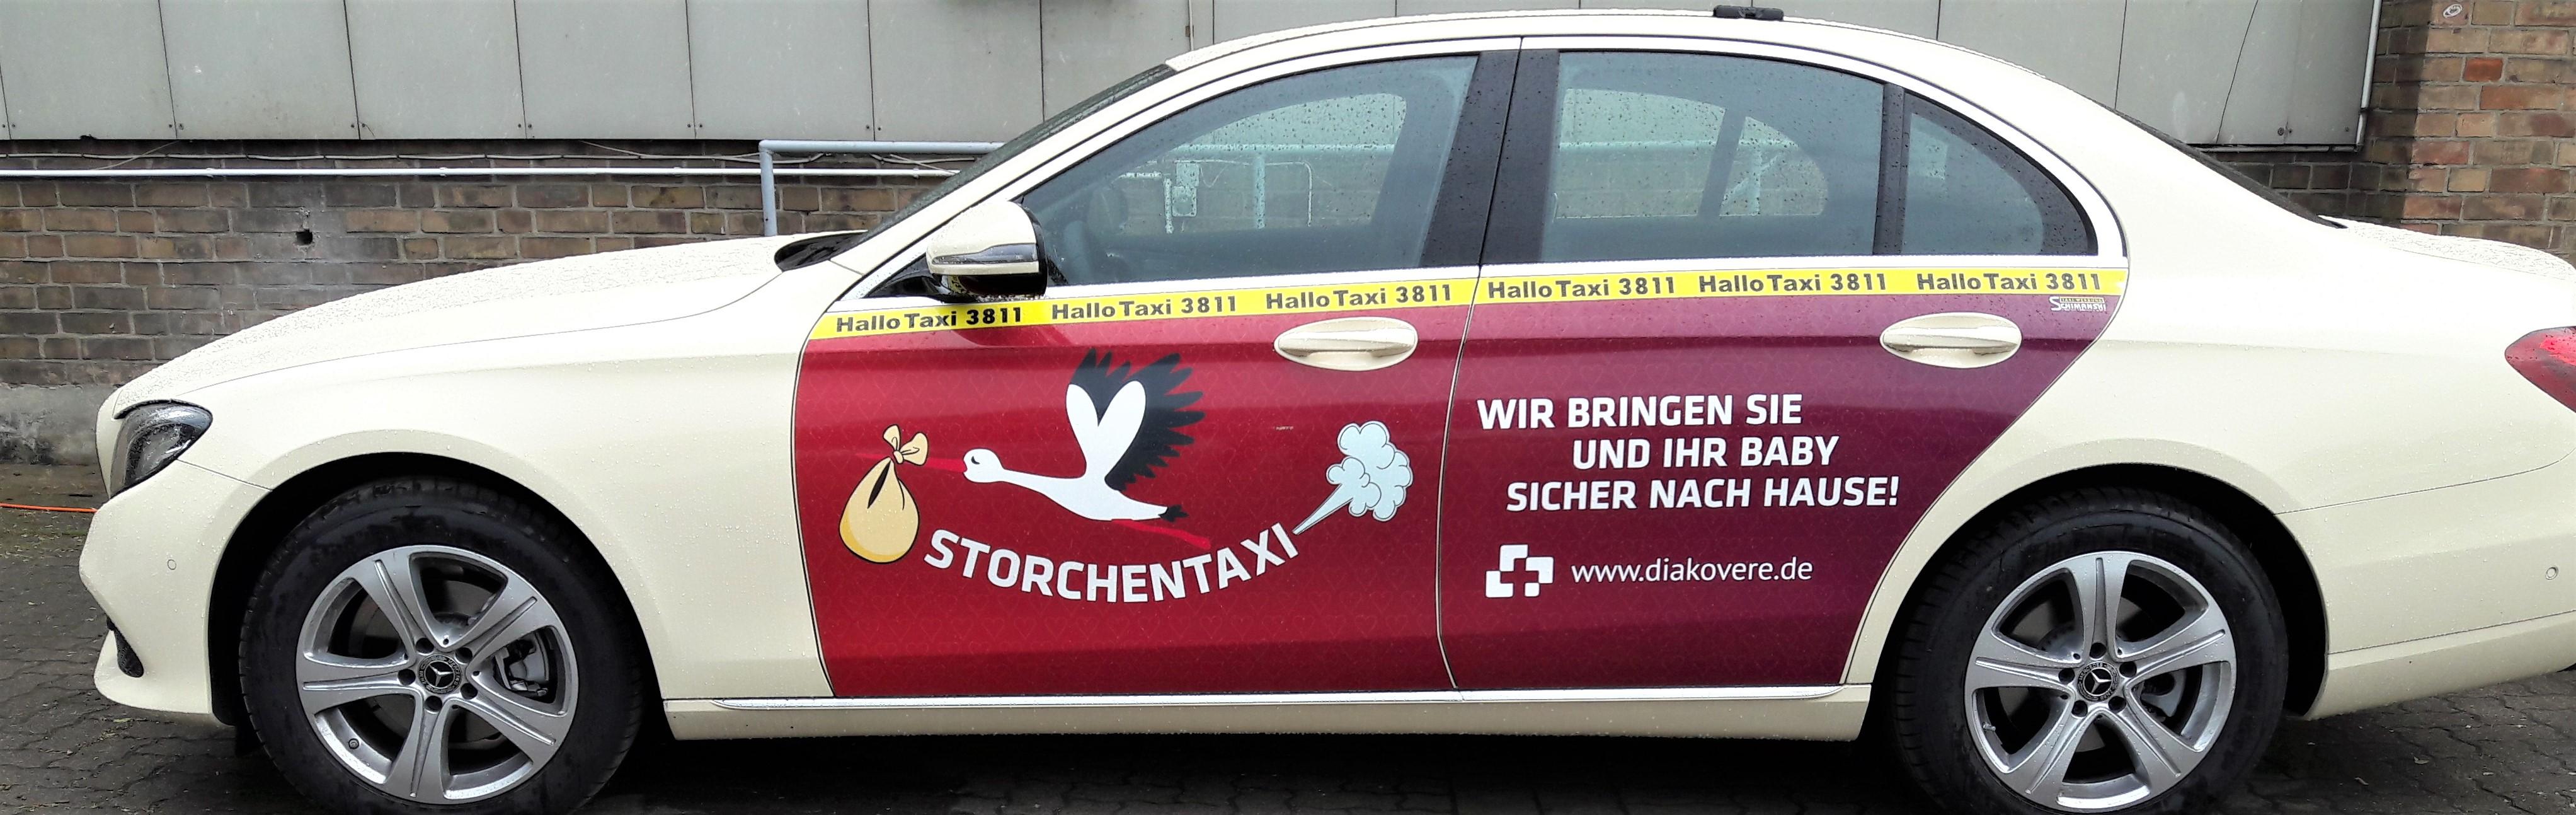 Storchentaxi-3811